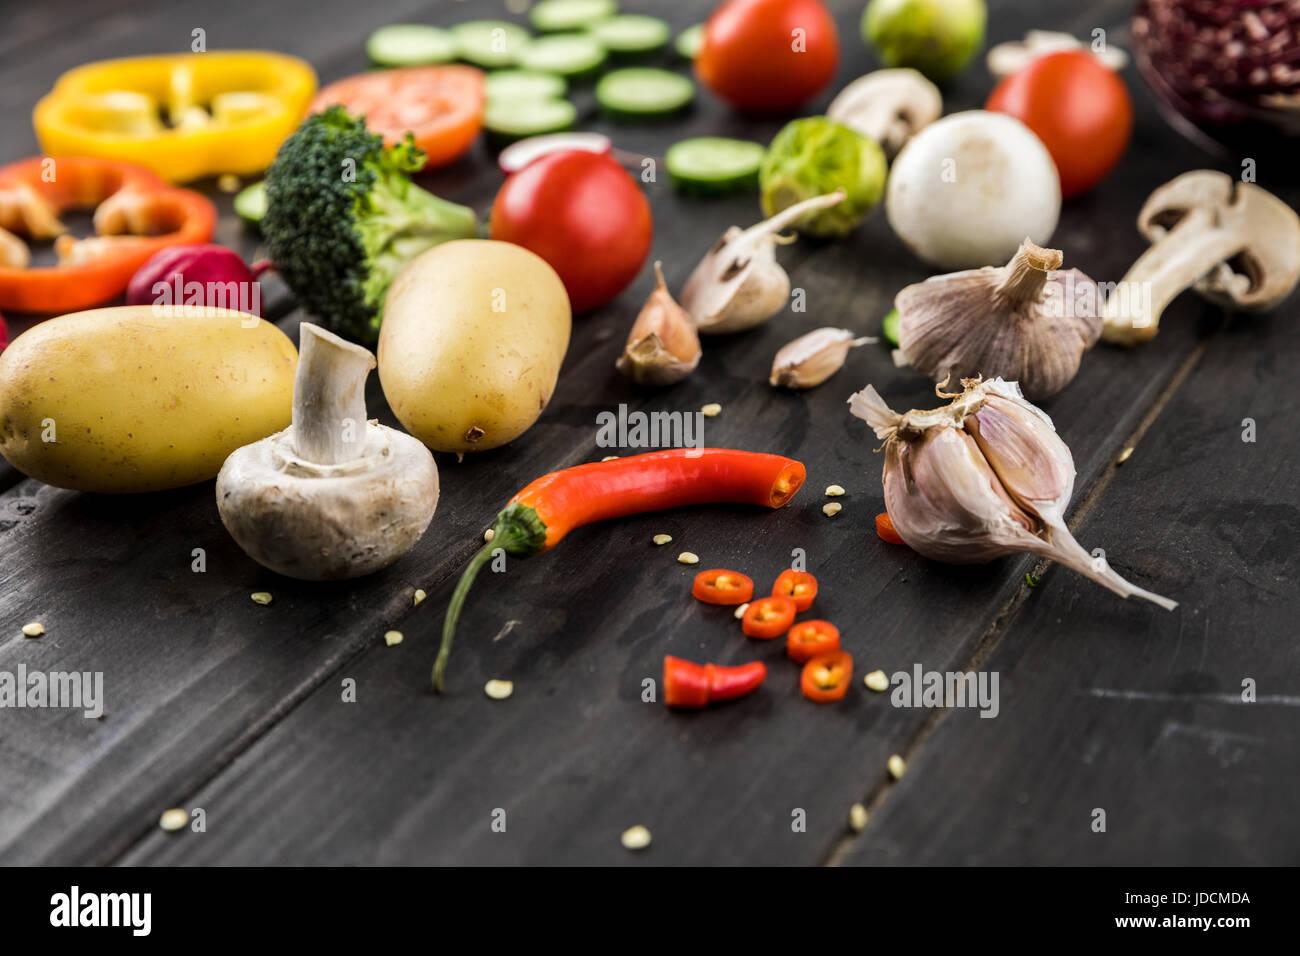 Vue rapprochée de légumes frais de saison sur fond de table en bois Photo Stock